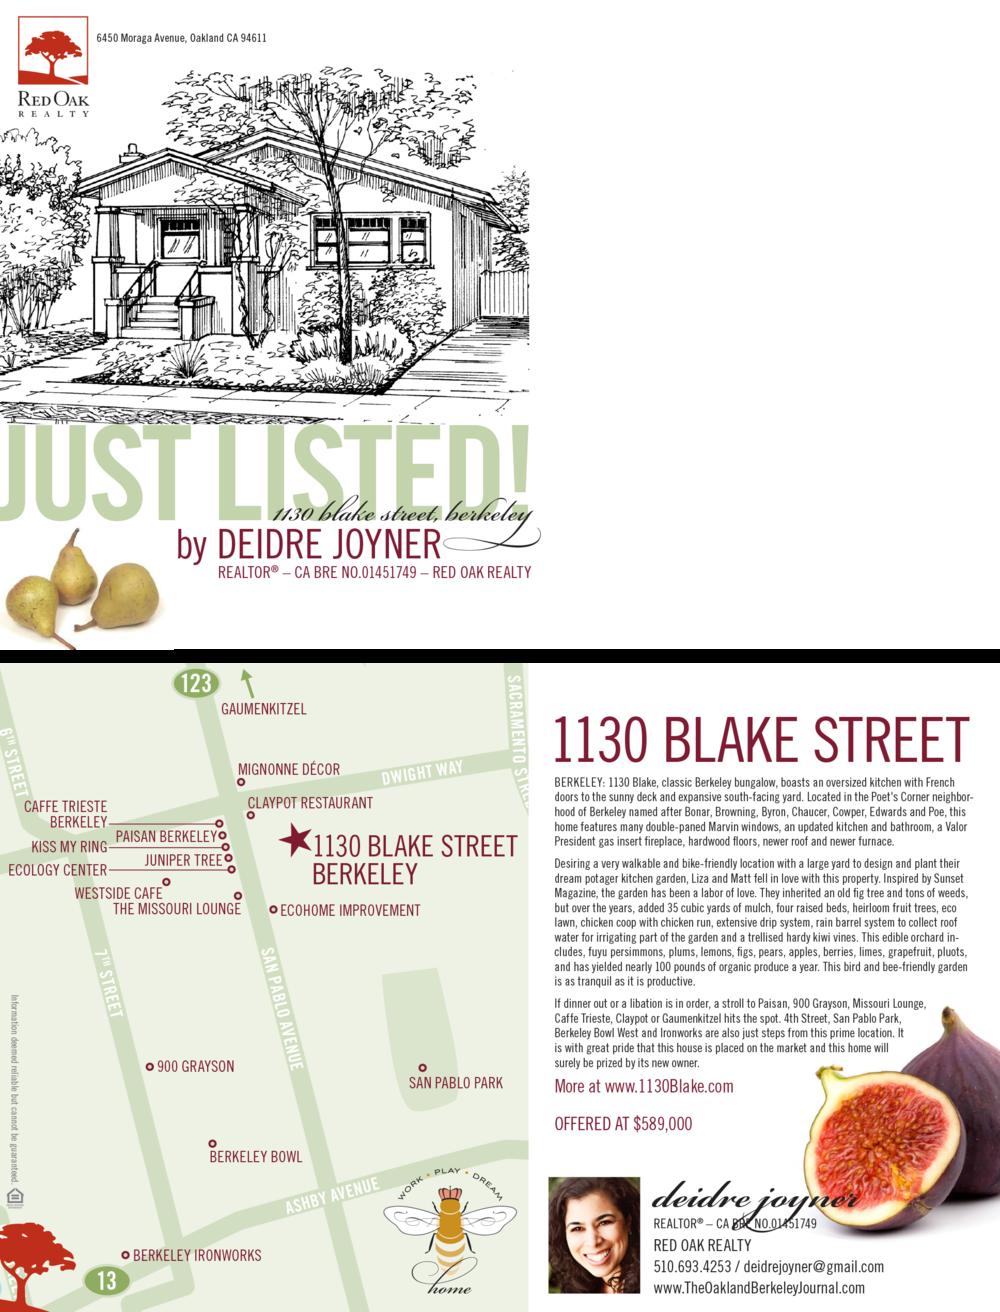 1130 Blake Street, Berkeley